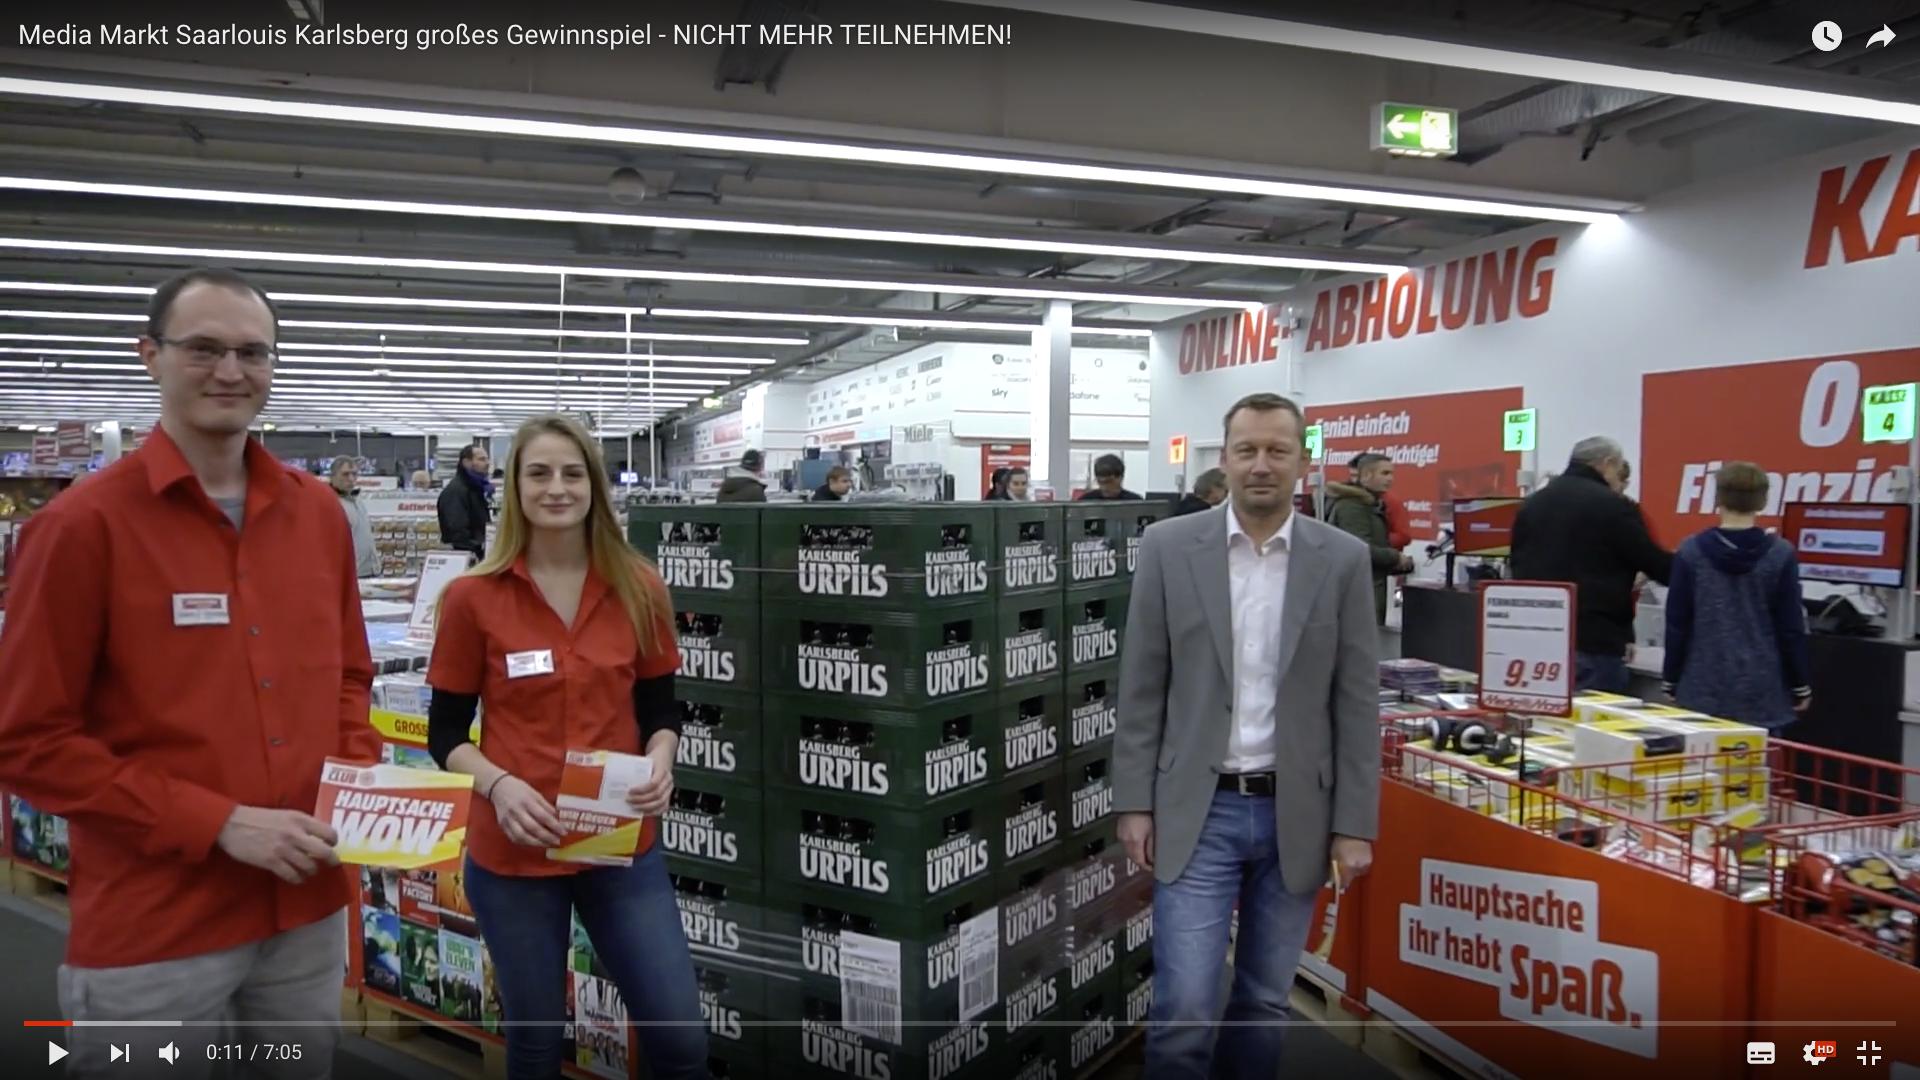 2017 Media Markt Saarlouis Karlsberg großes Gewinnspiel Team _MSM_MEDIEN_SAAR_MOSEL_SAARLAND_FERNSEHEN_1_ED_SAAR